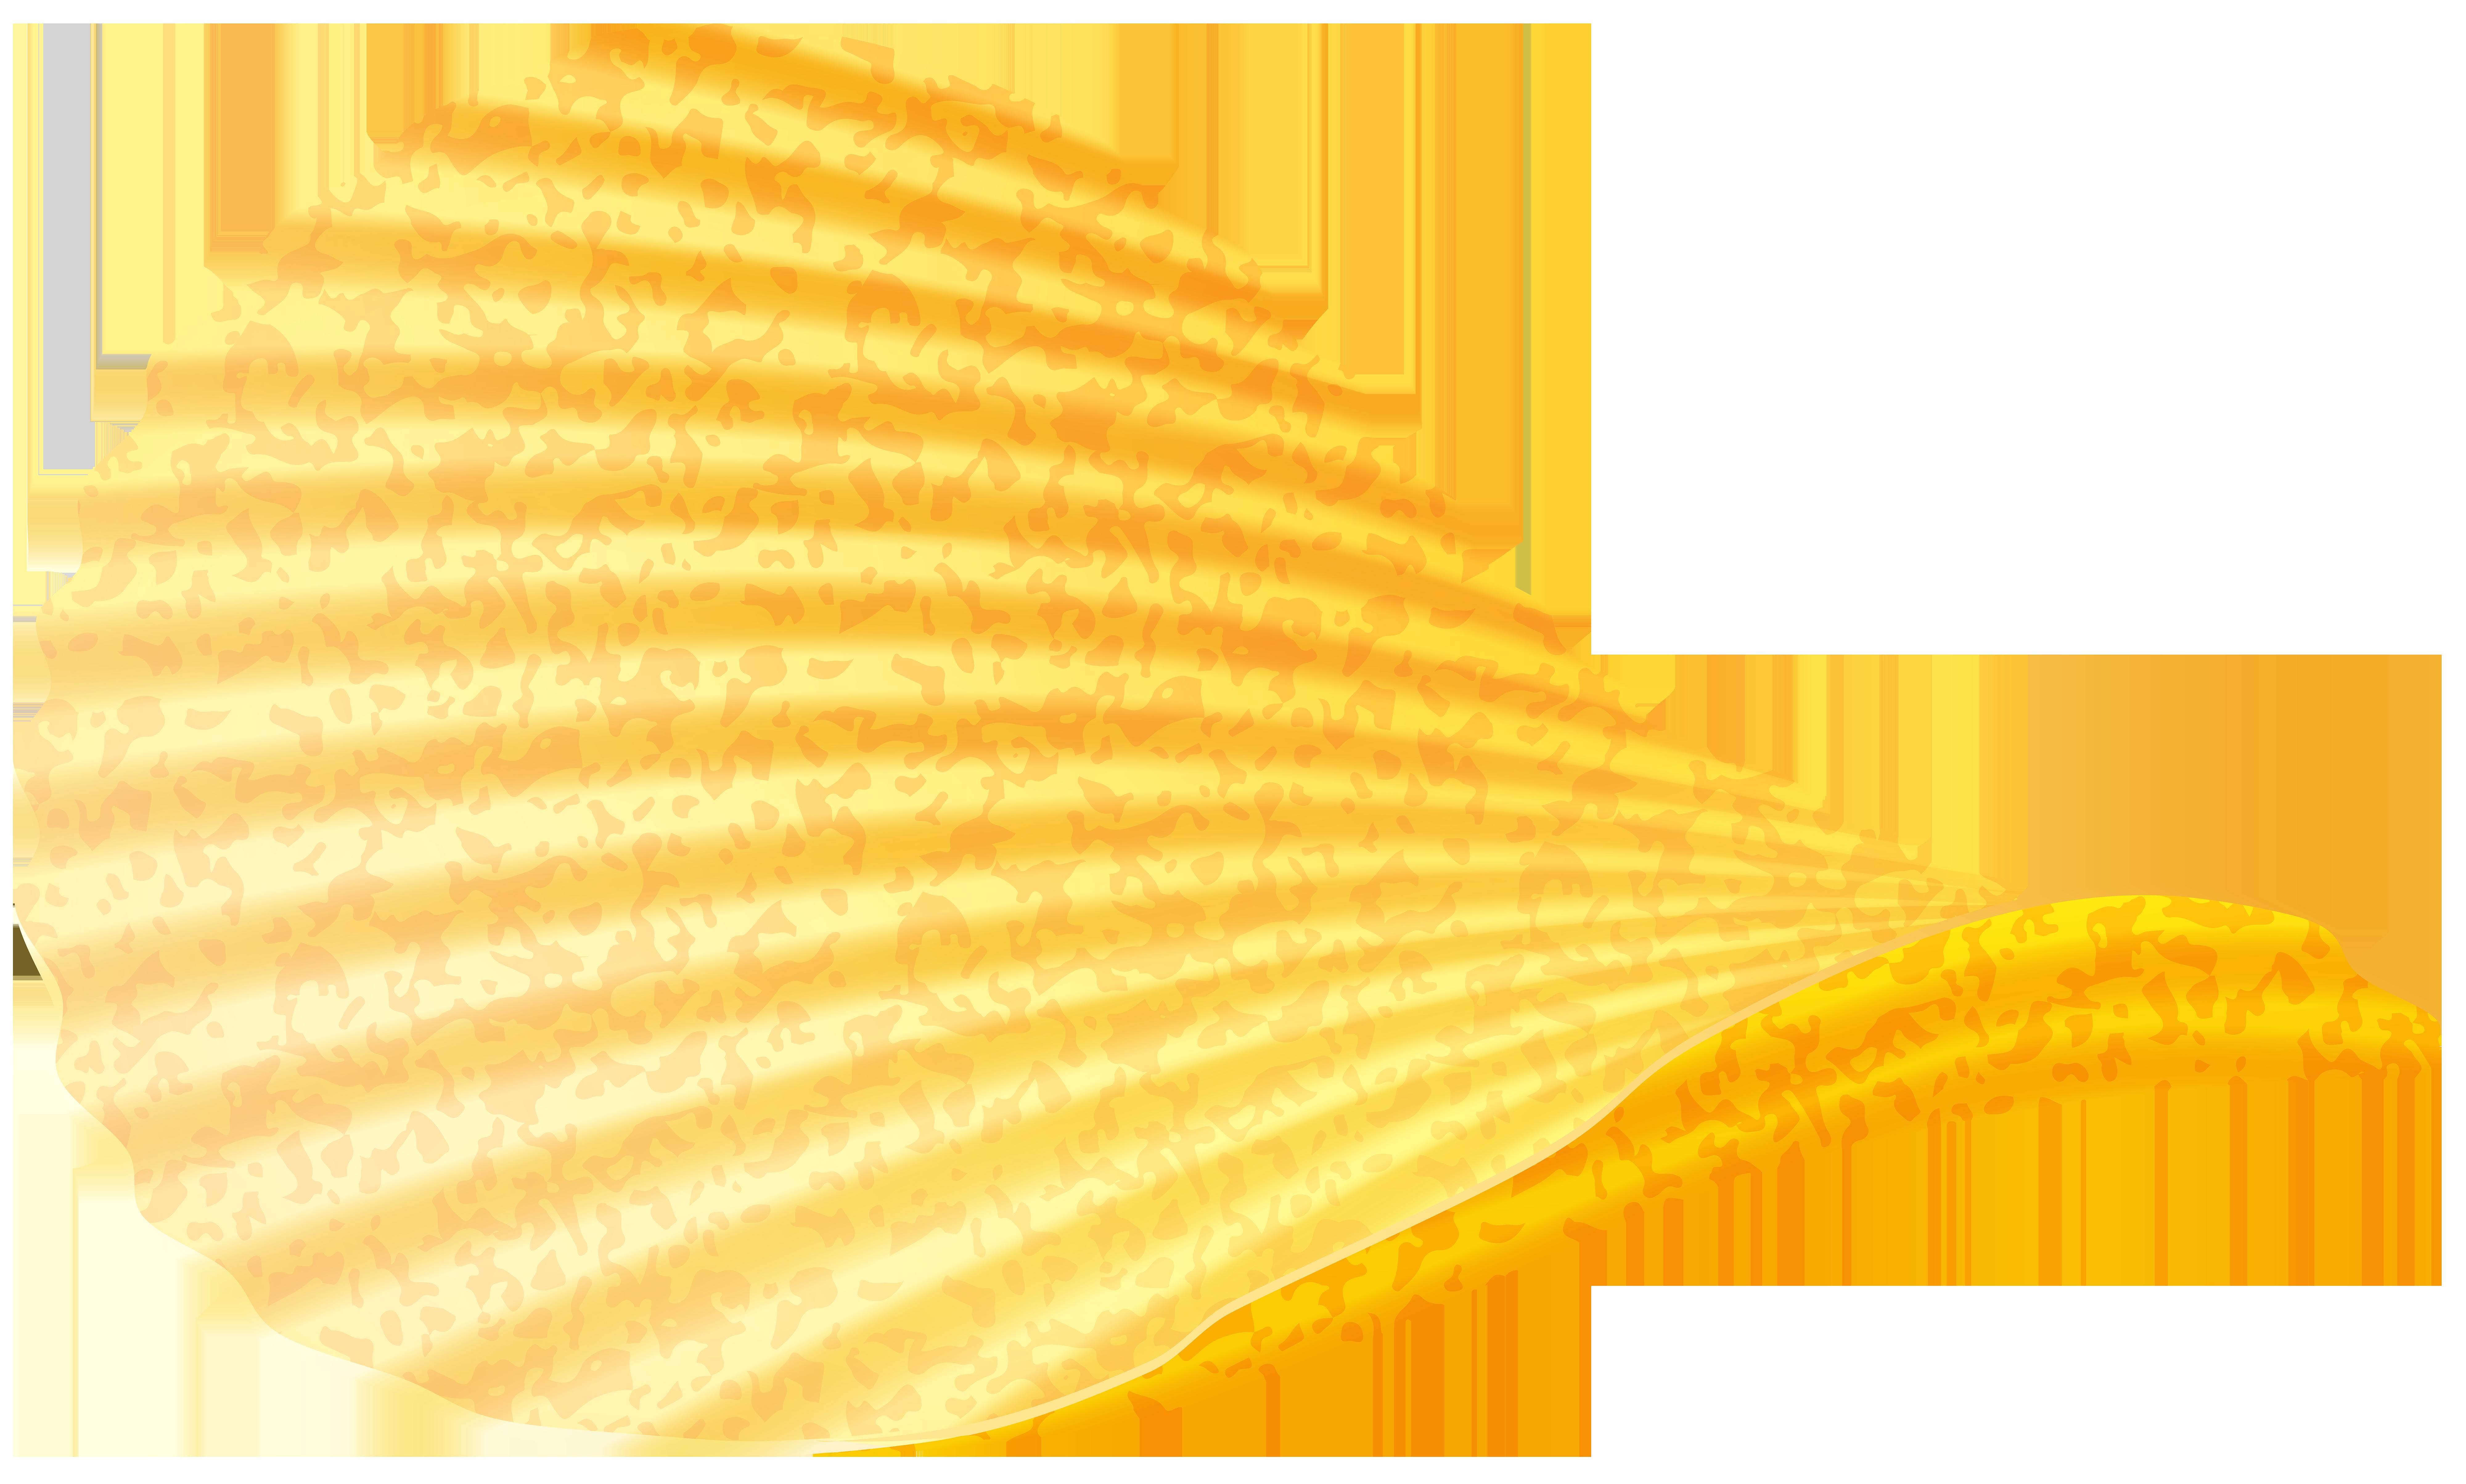 Chip clipart potatoe chip. Potato chips png clip